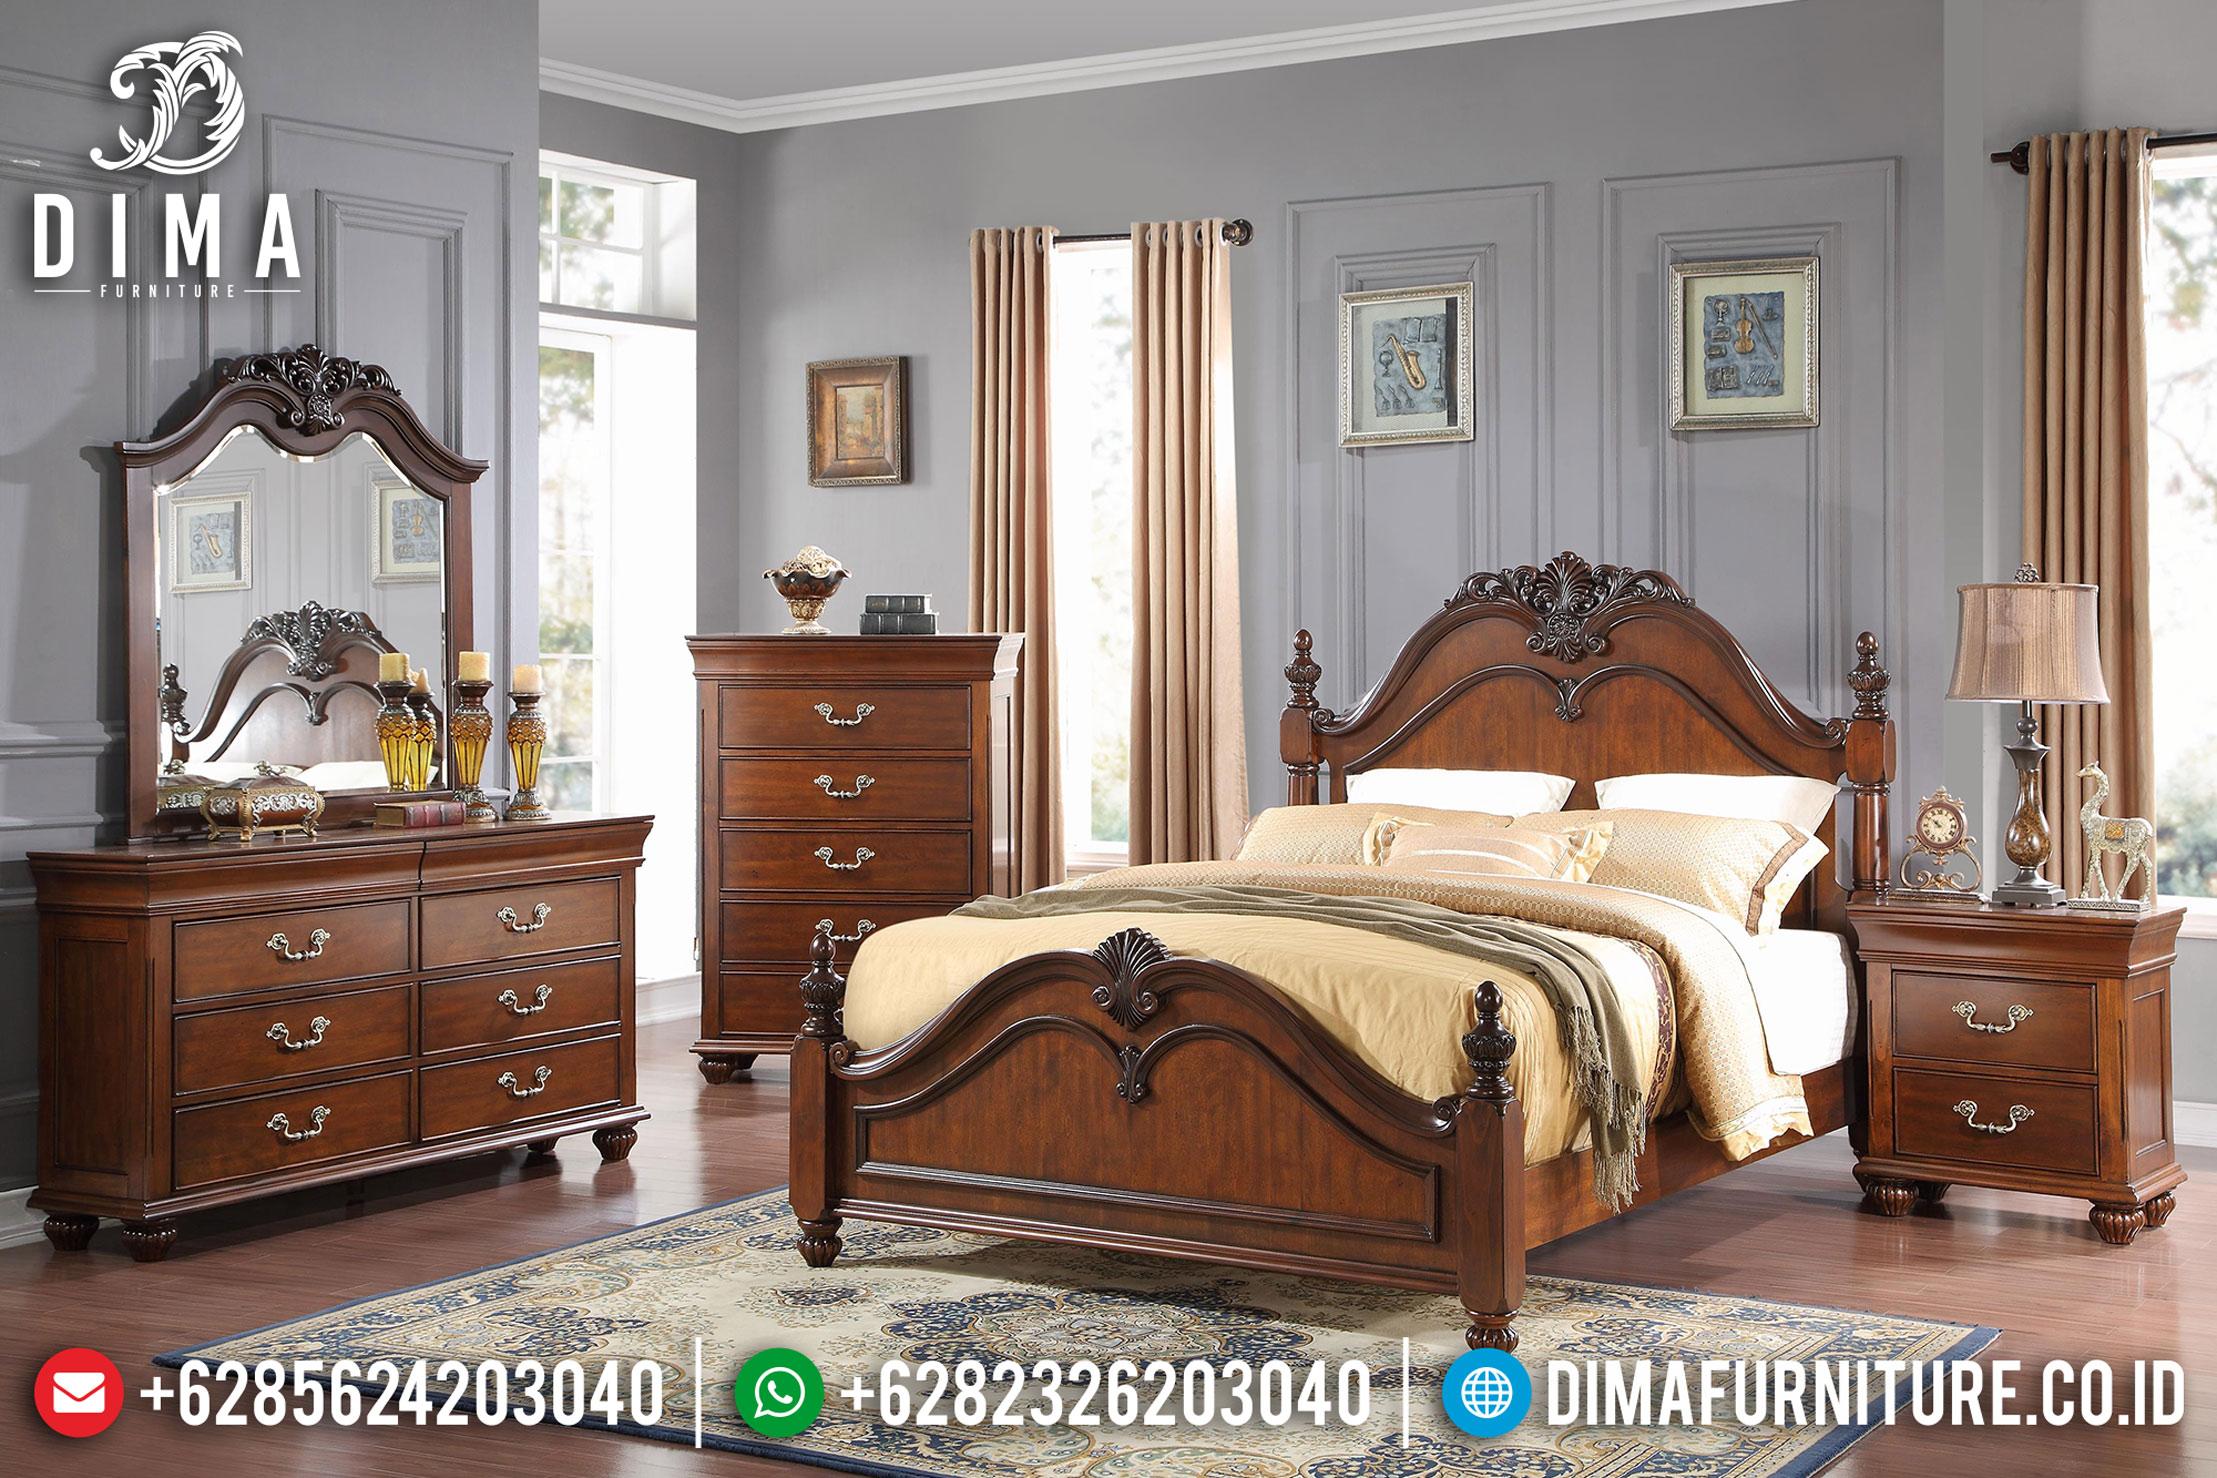 Tempat Tidur Jati Jepara, Tempat Tidur Mewah Minimalis, Kamar Set Jepara MM-0399